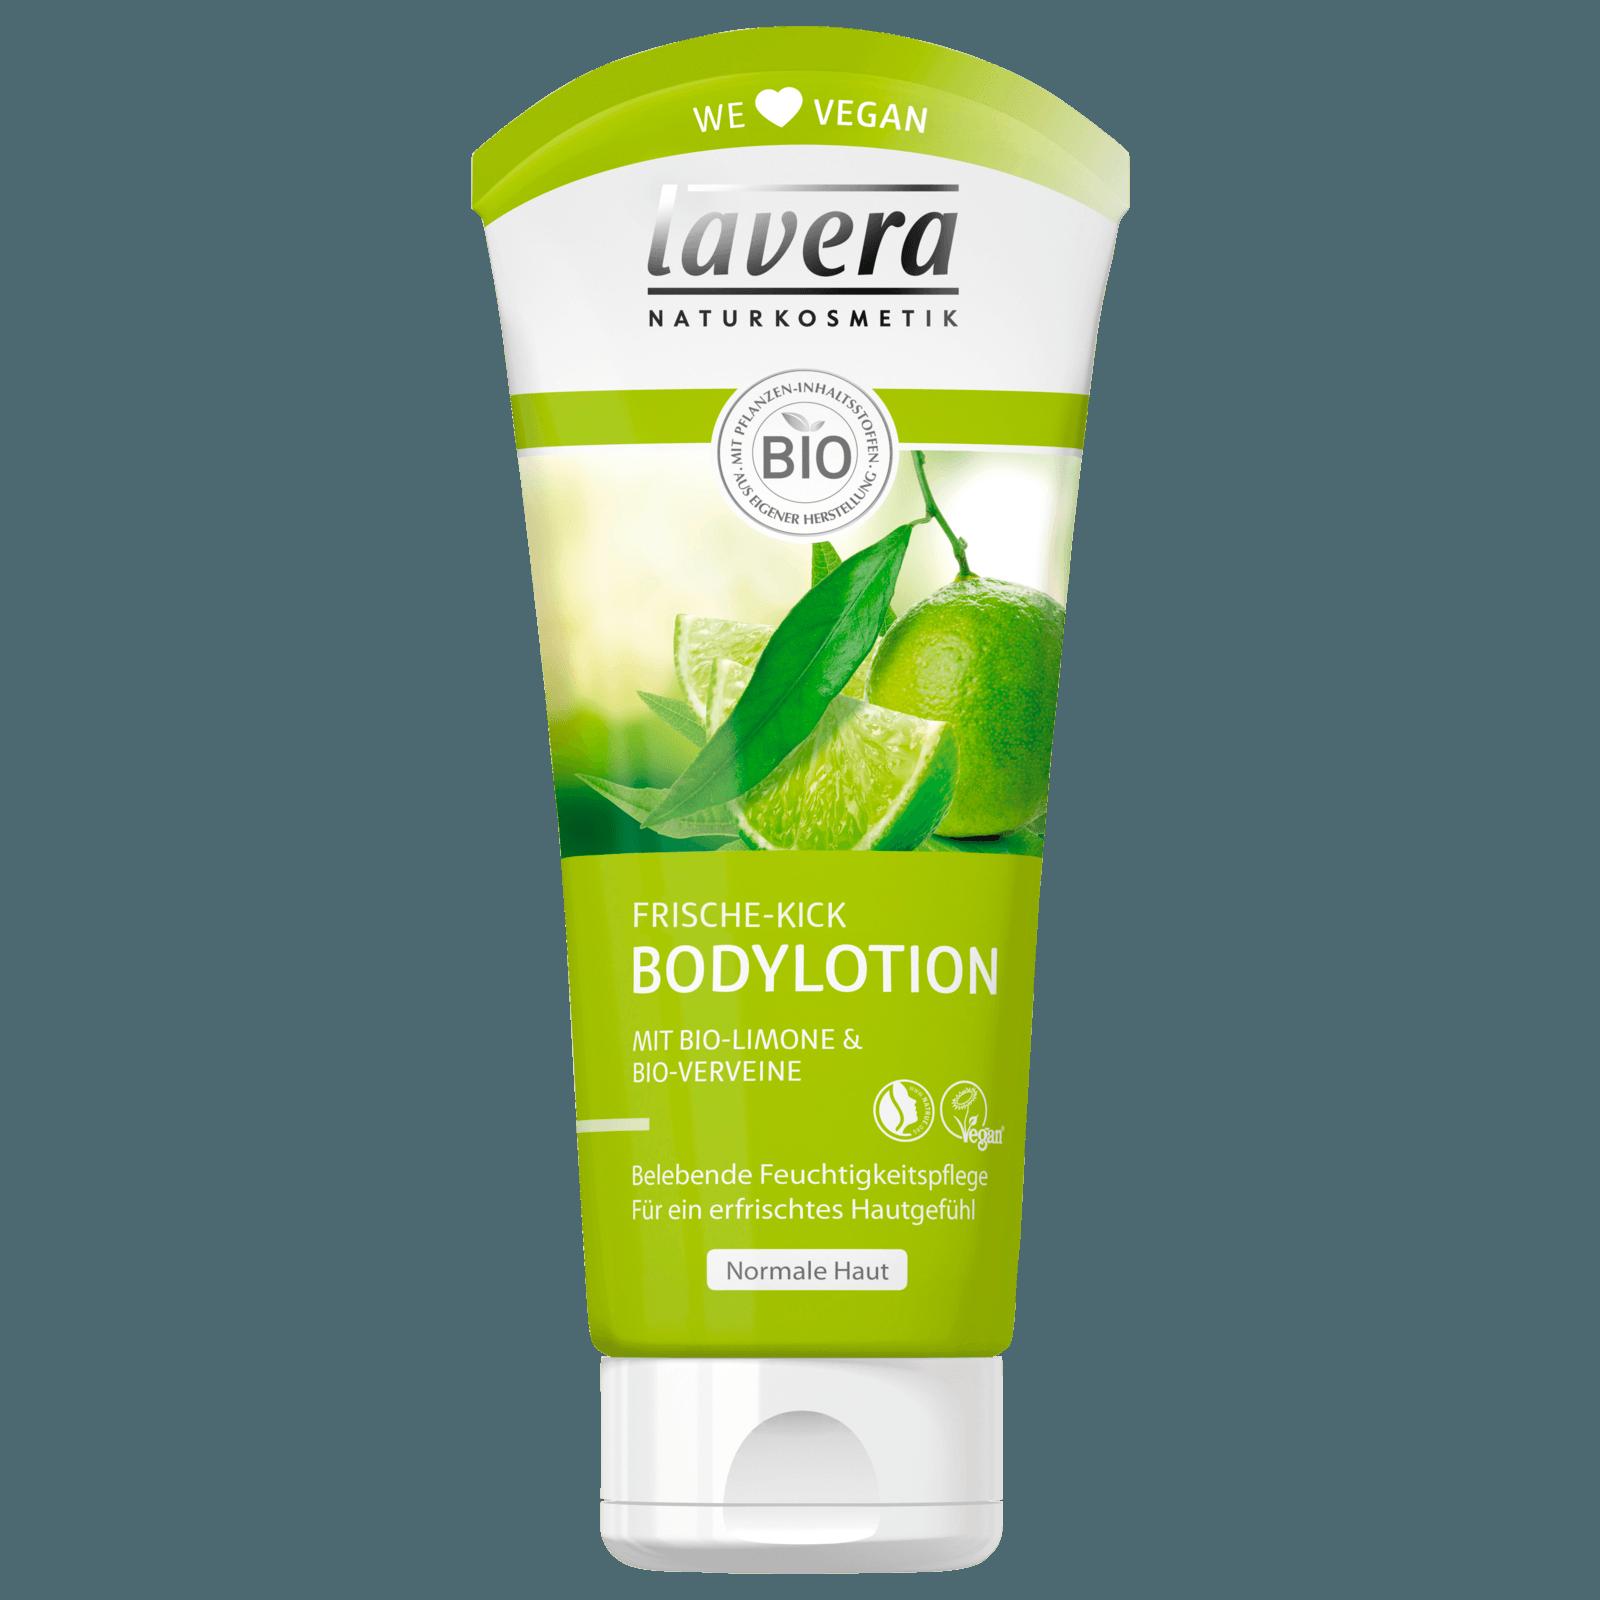 Lavera Bodylotion mit Bio-Limone & Verveine 200ml